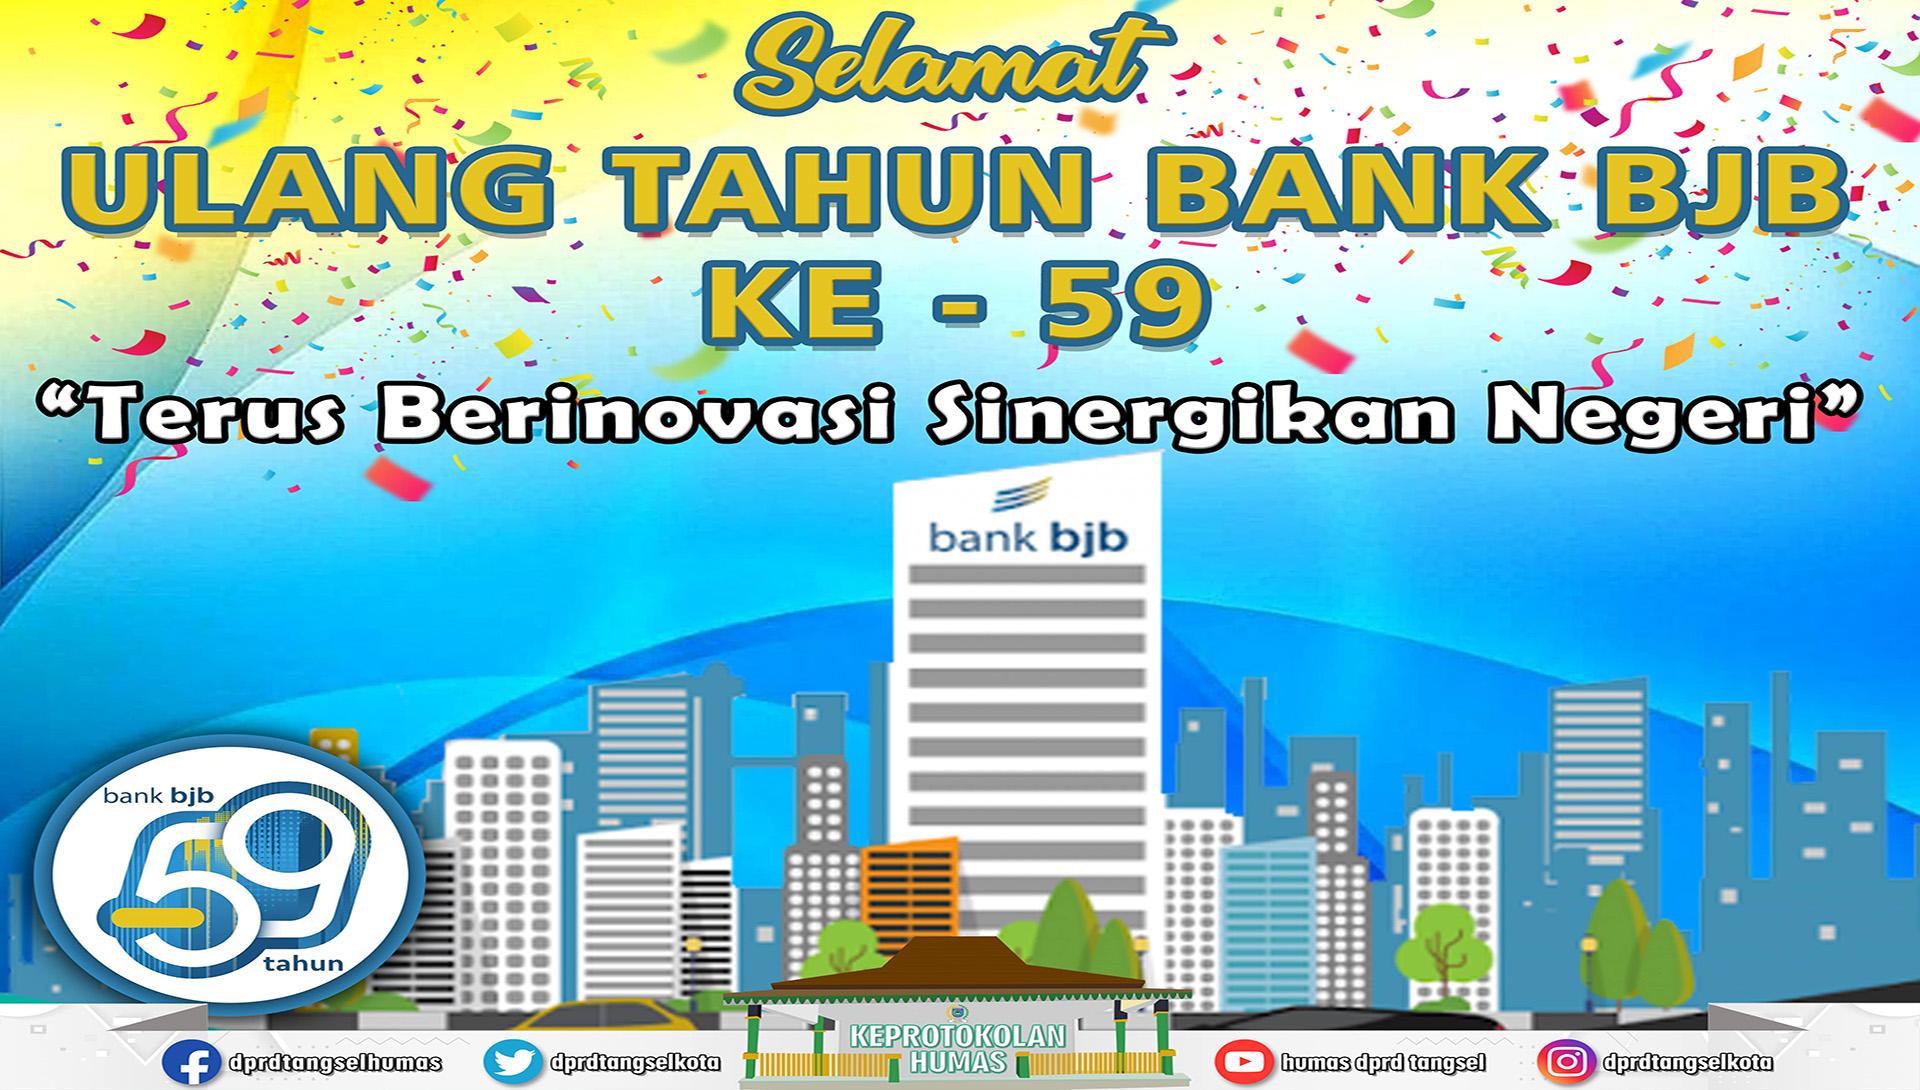 Selamat Ulang Tahun Bank BJB ke - 59